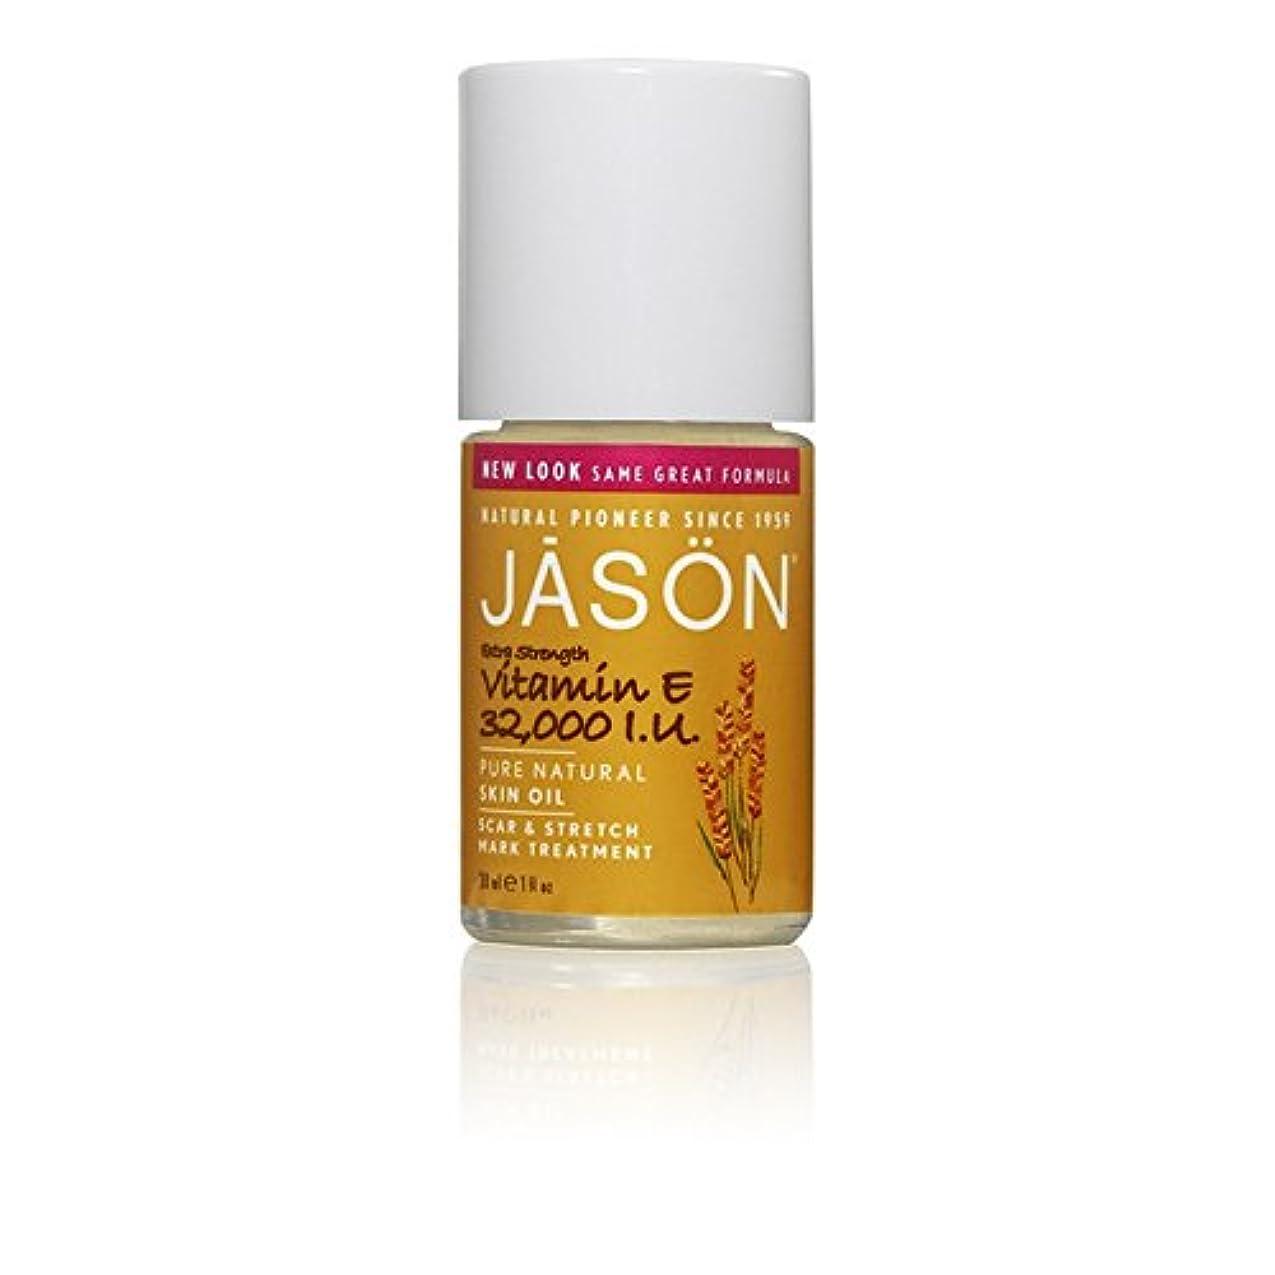 若者ワイン研磨剤Jason Vitamin E 32,000iu Oil Scar & Stretch Mark Treatment 33ml - ジェイソン?ビタミン 32,000オイル傷跡&ストレッチマークトリートメント33ミリリットル [並行輸入品]